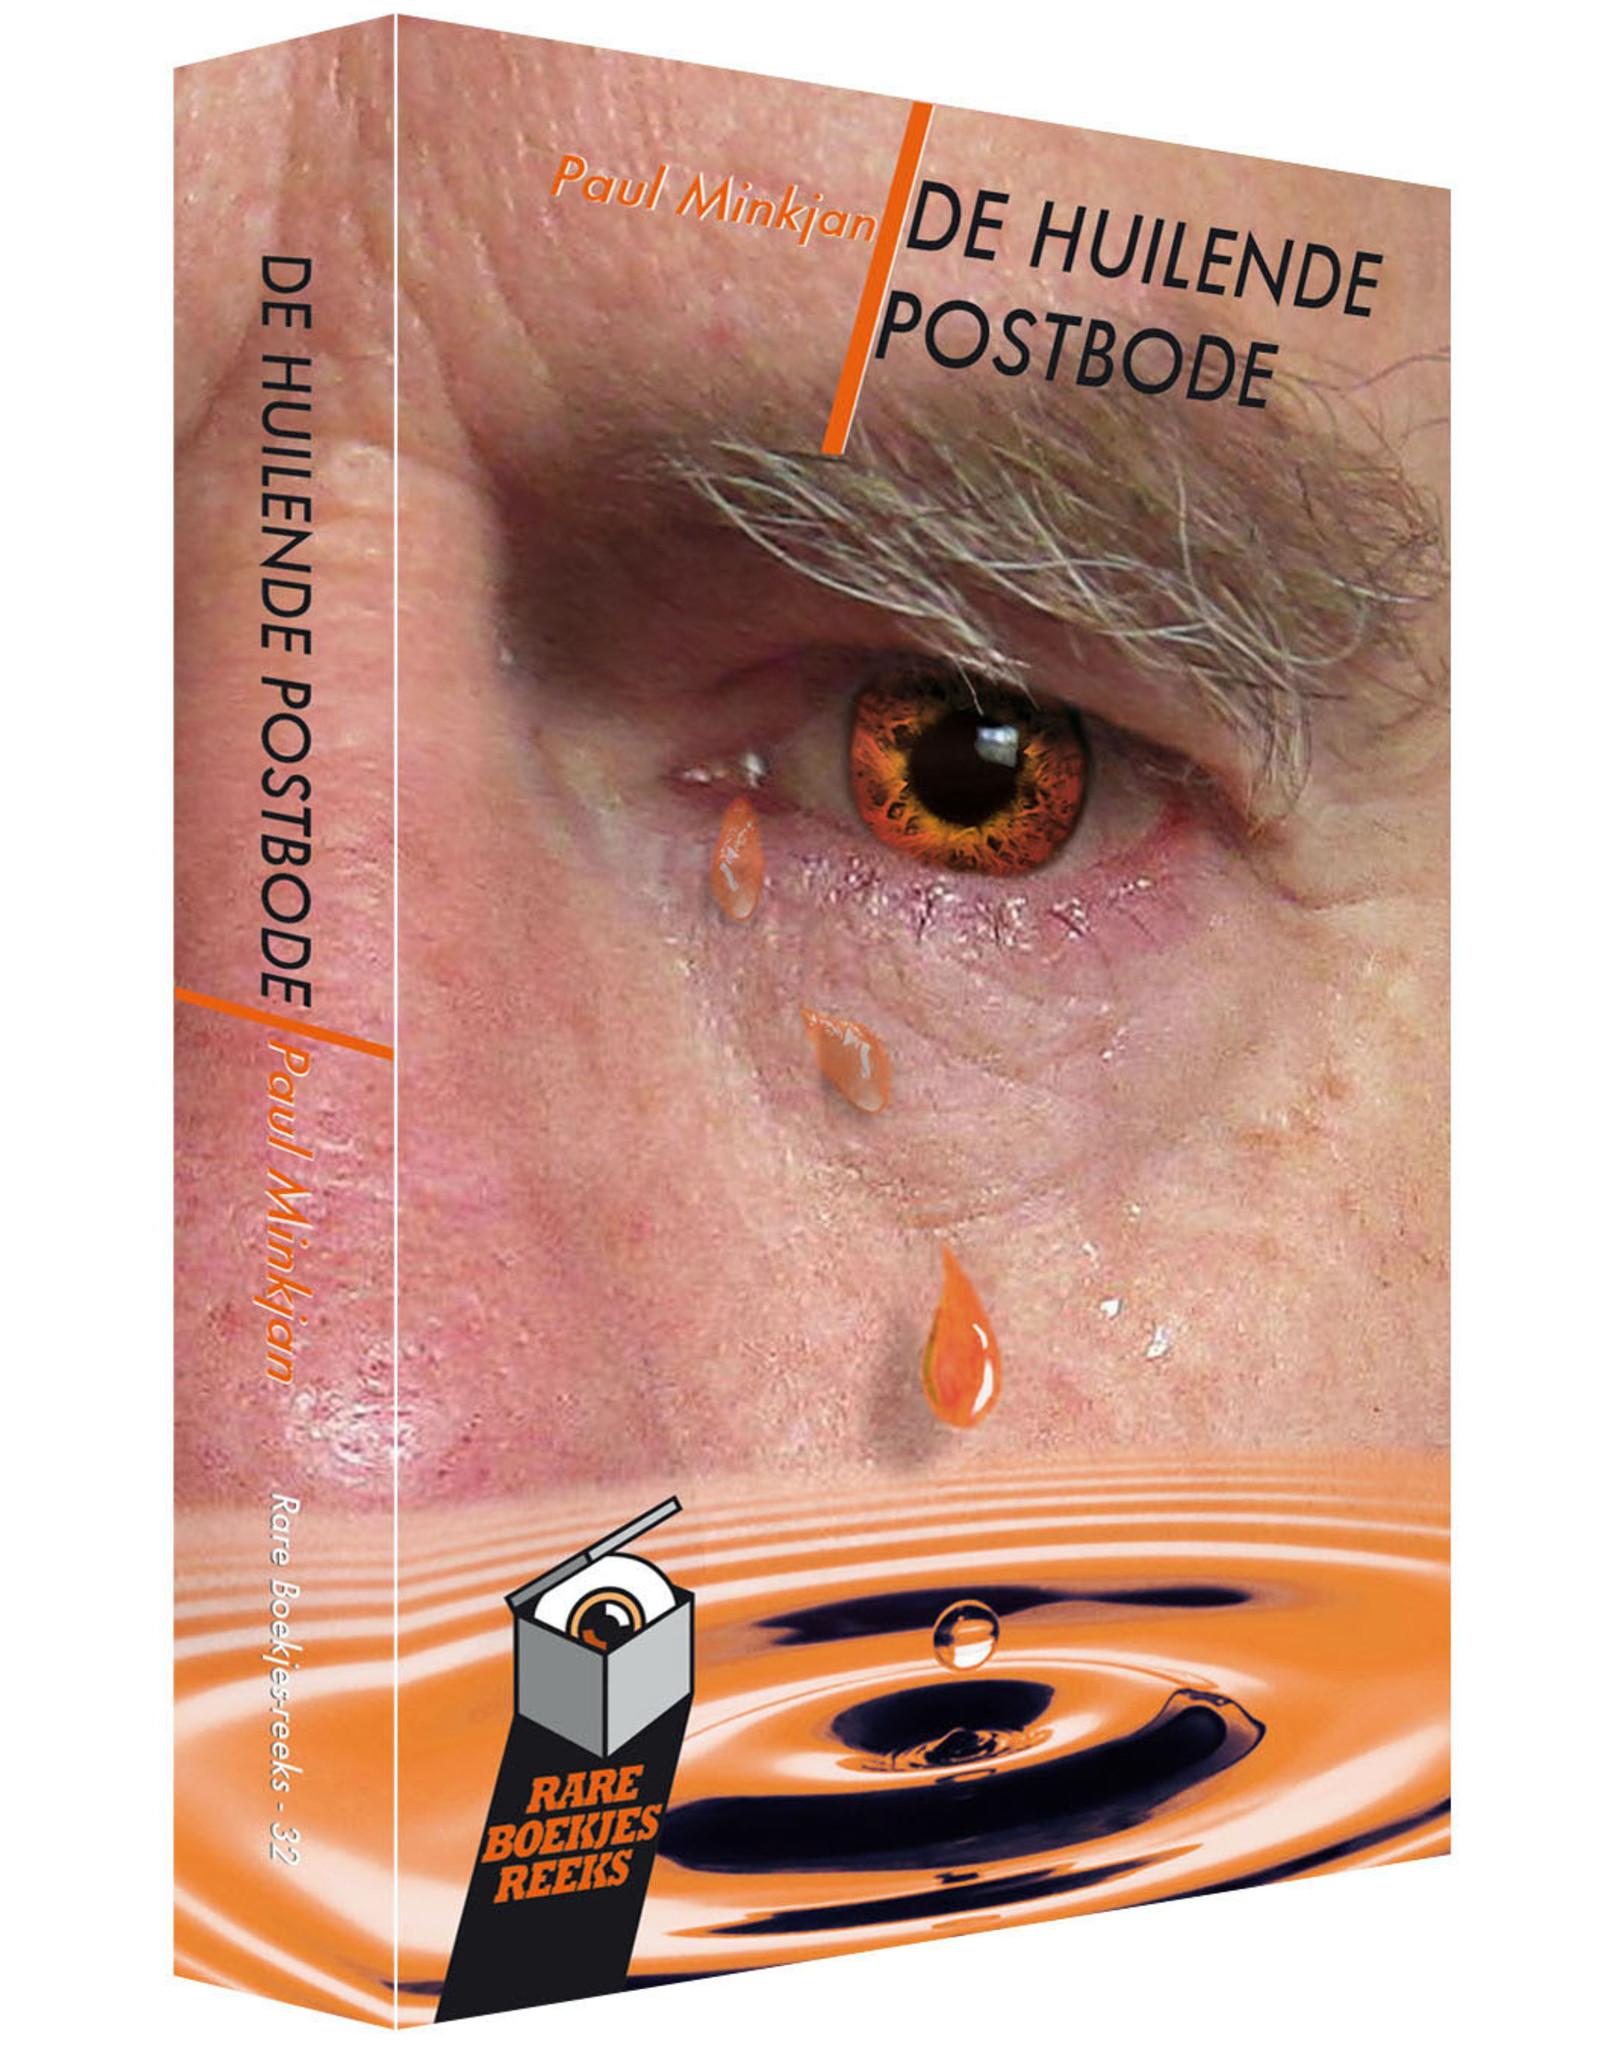 De huilende postbode. 14 Maanden bij de post.